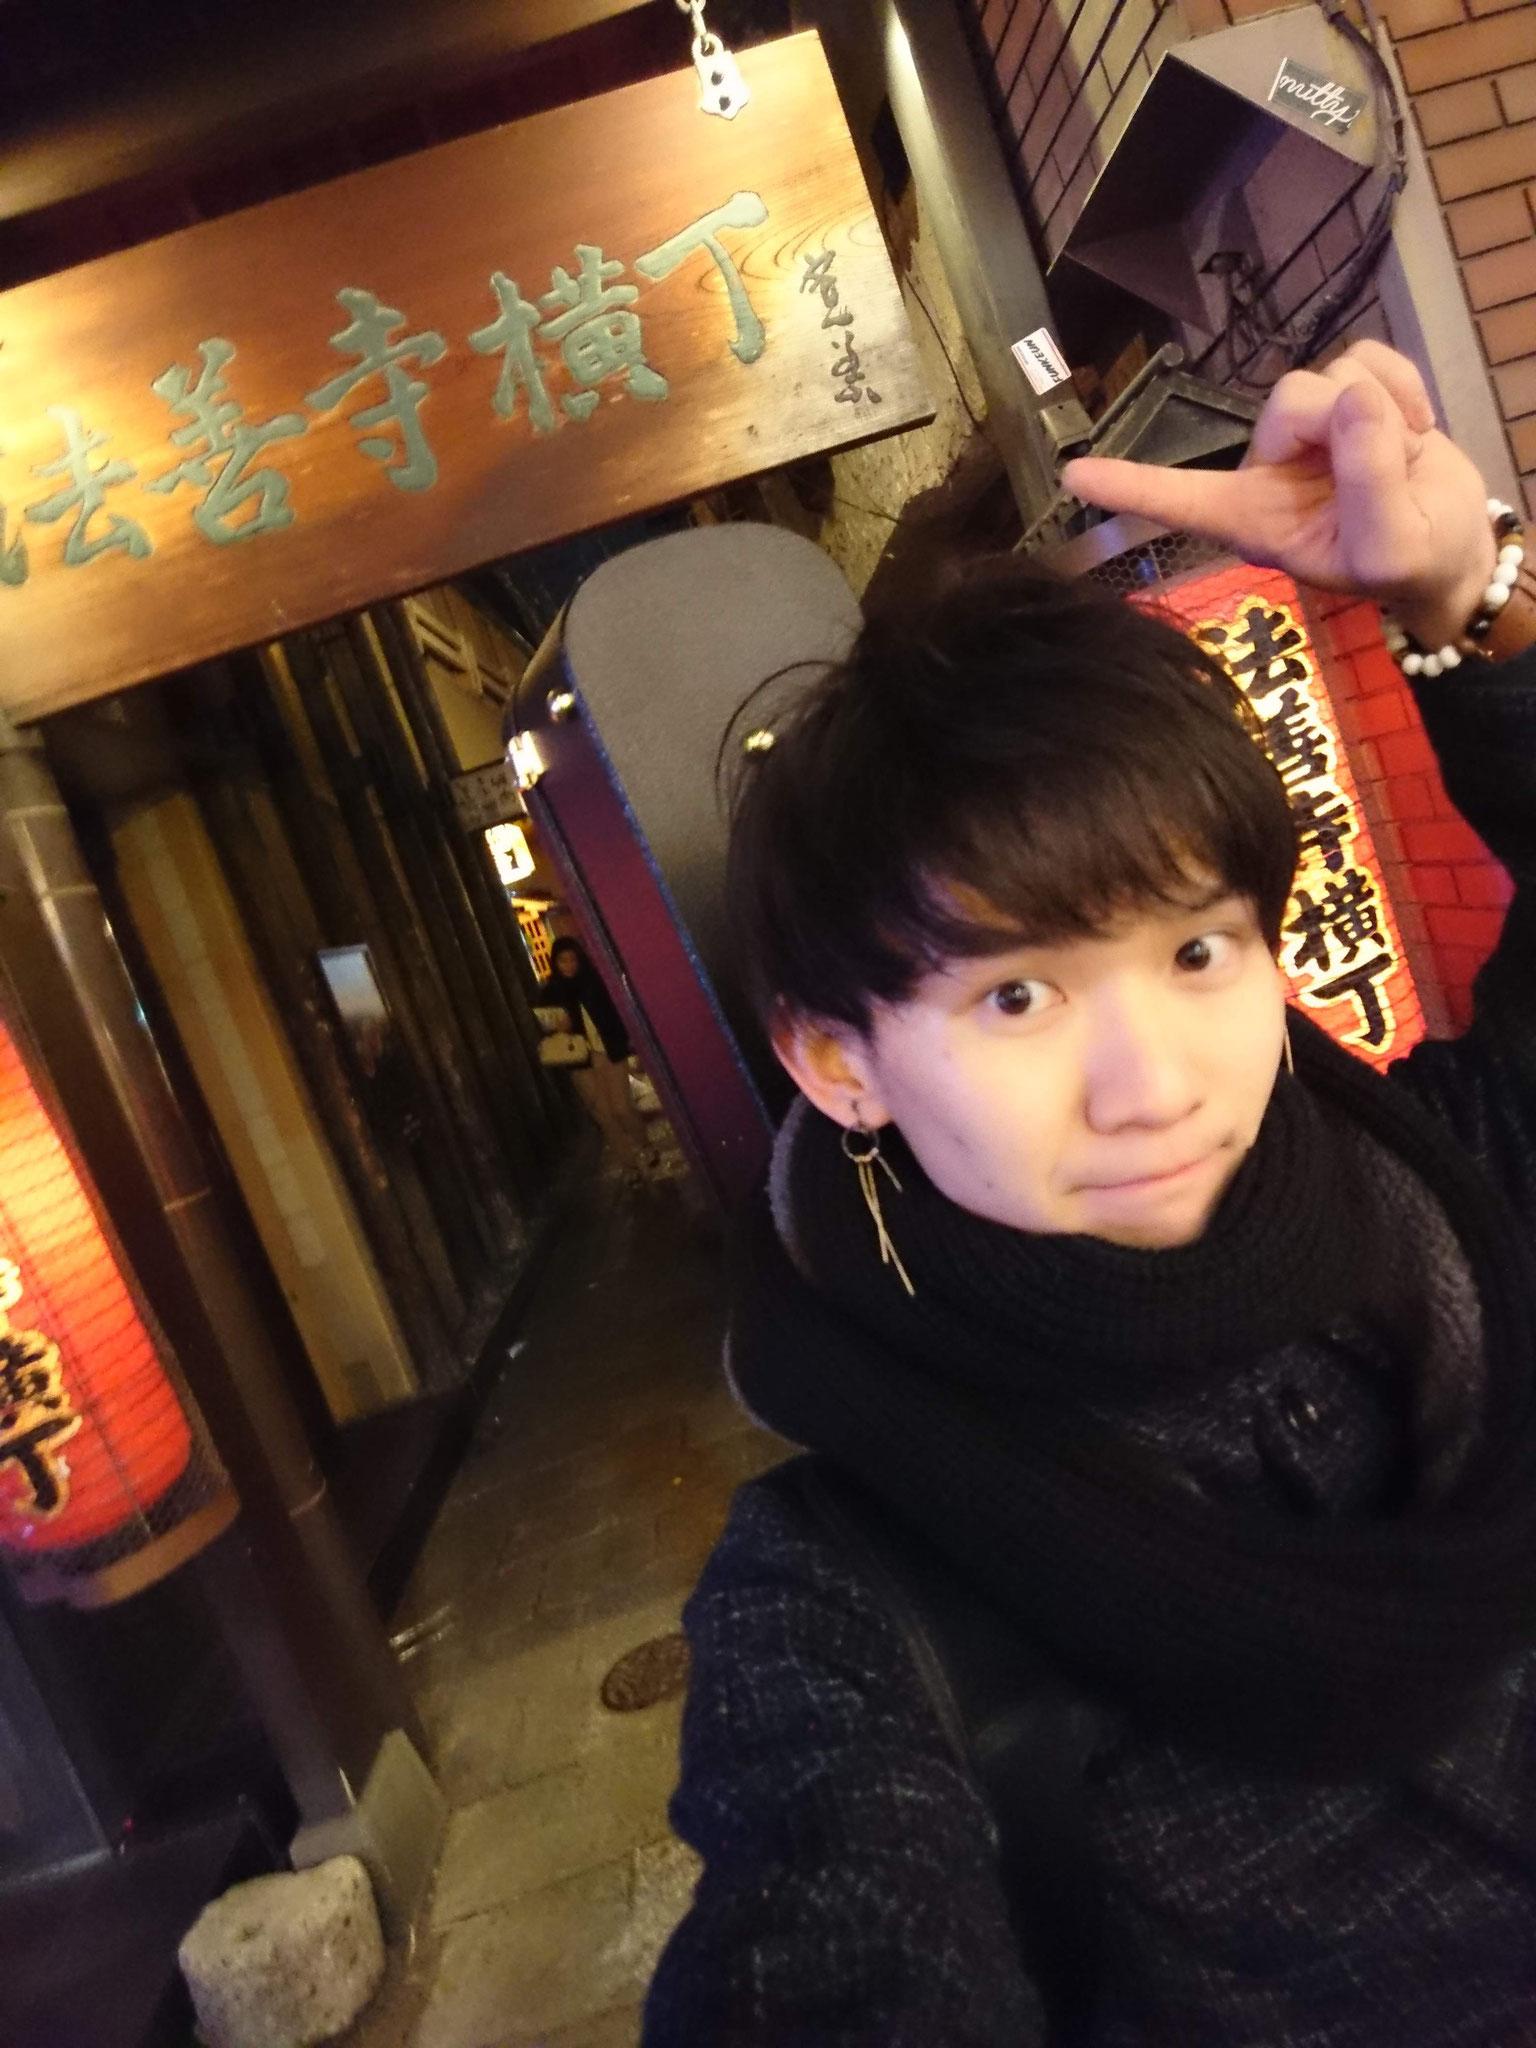 大阪ツアーに行ってオシャレな通りを見つけた